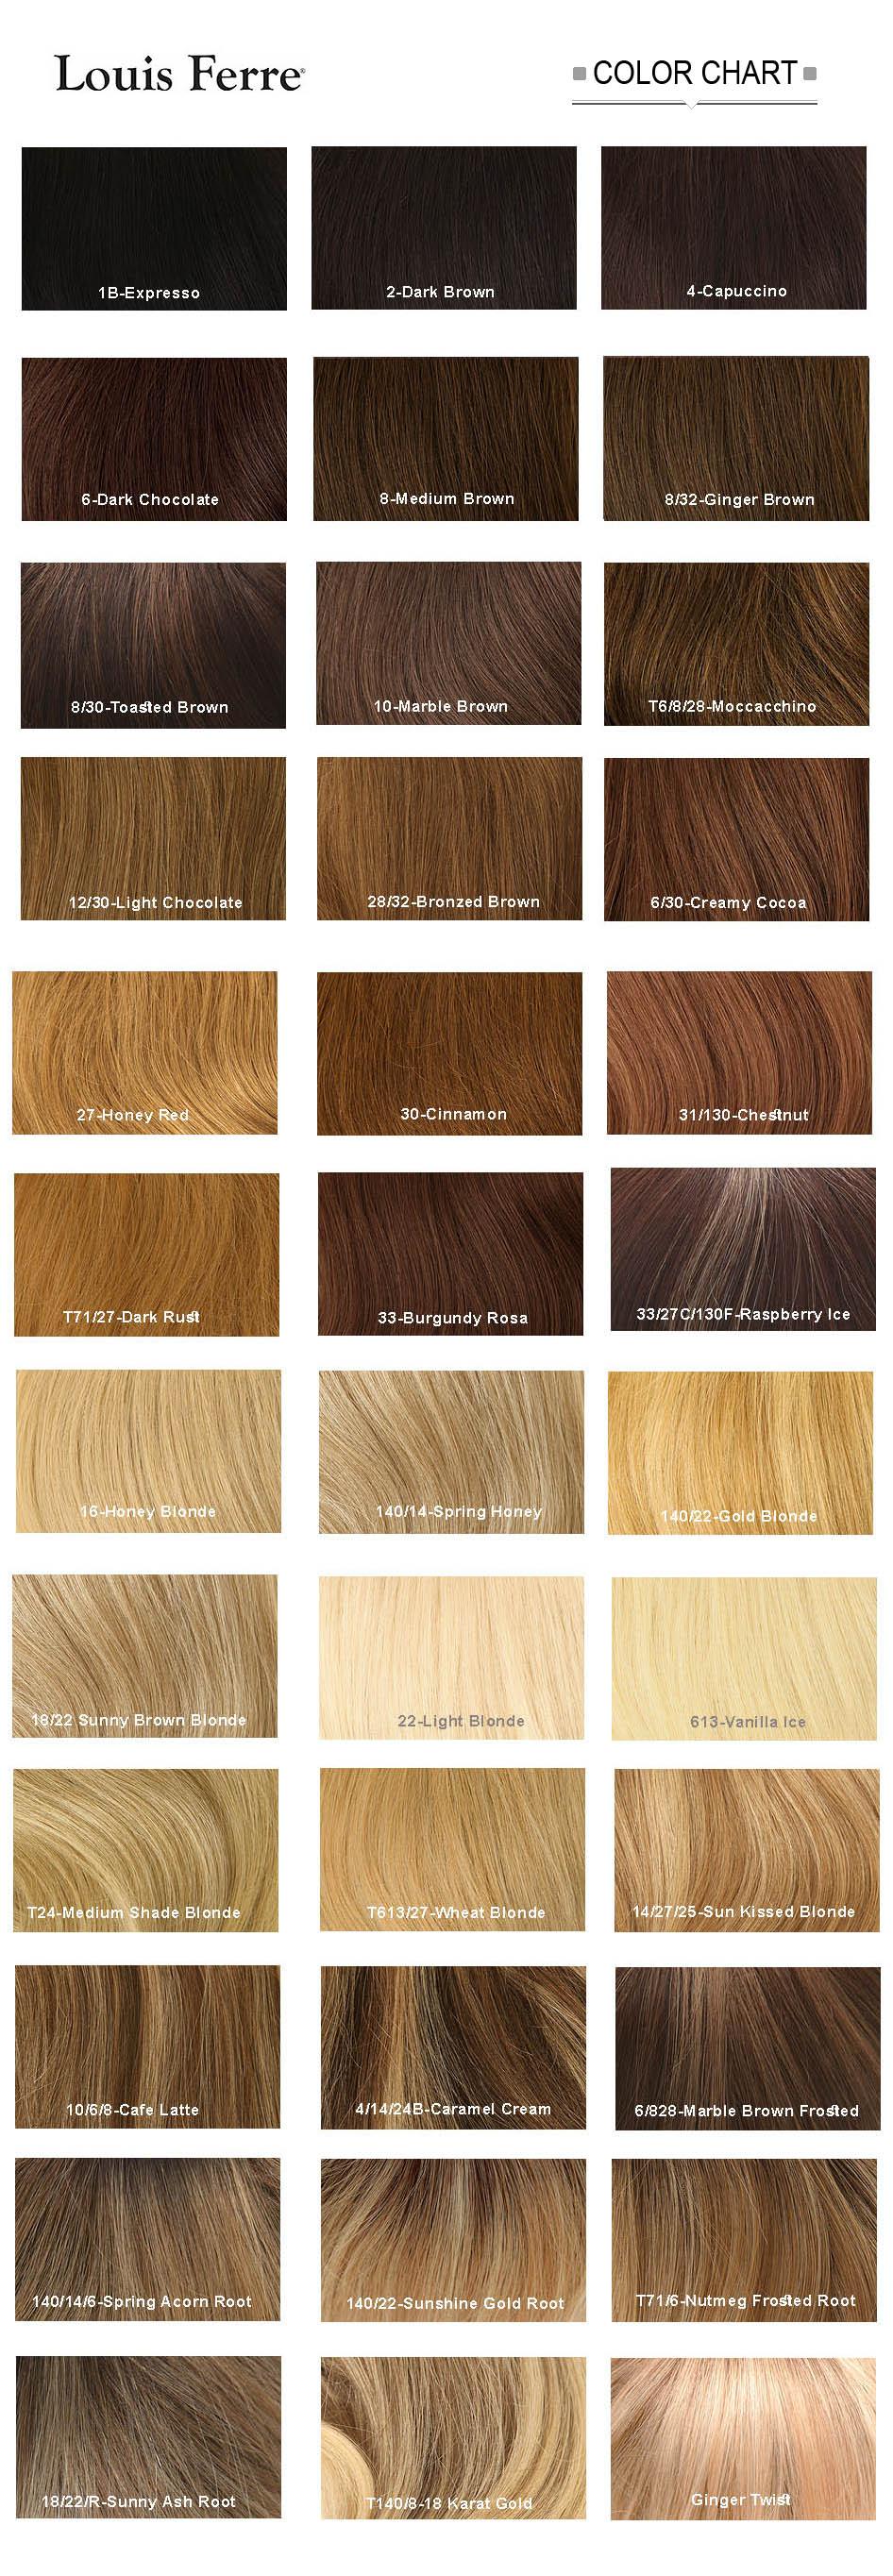 louis ferre hair color chart